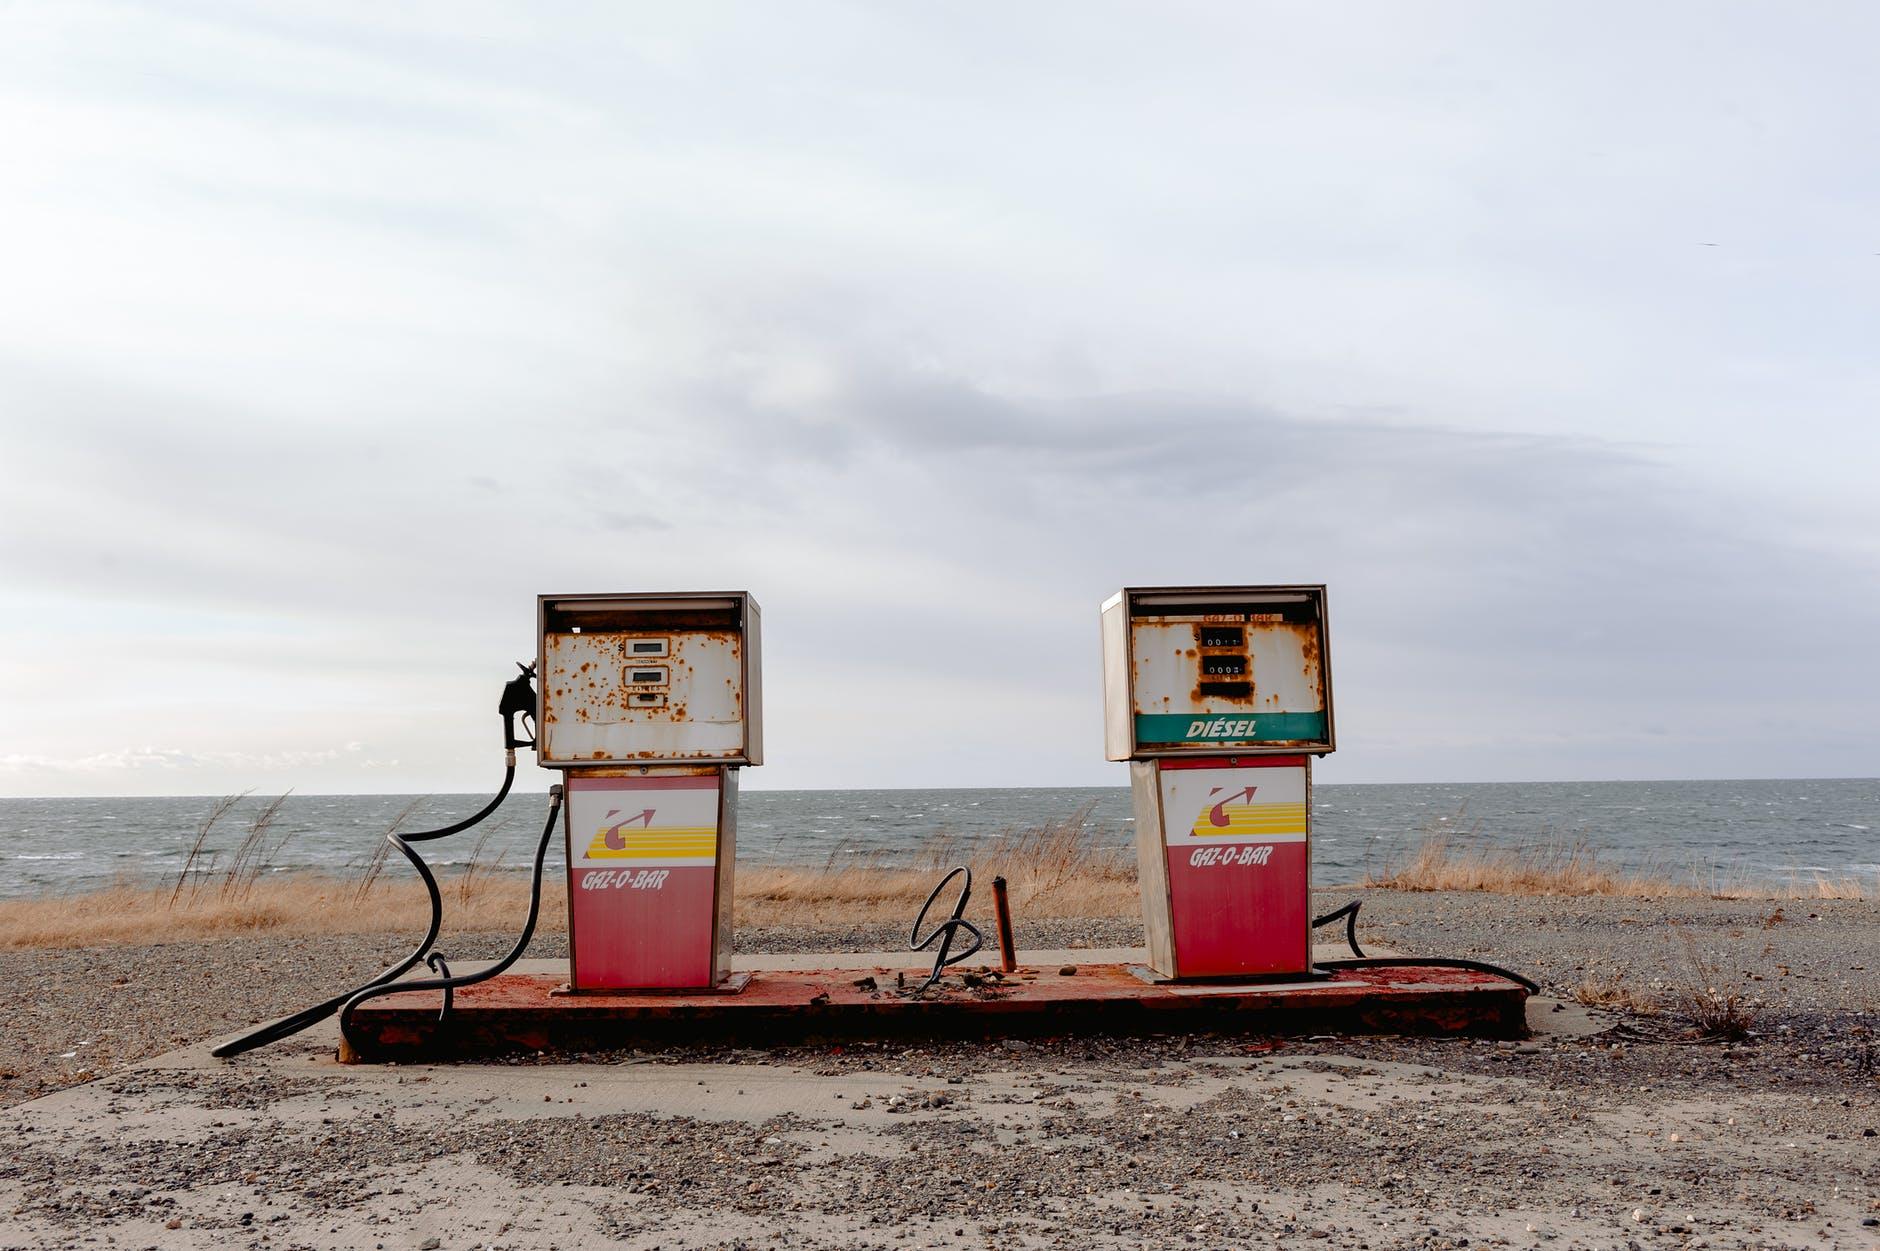 Combustível: o que te move?